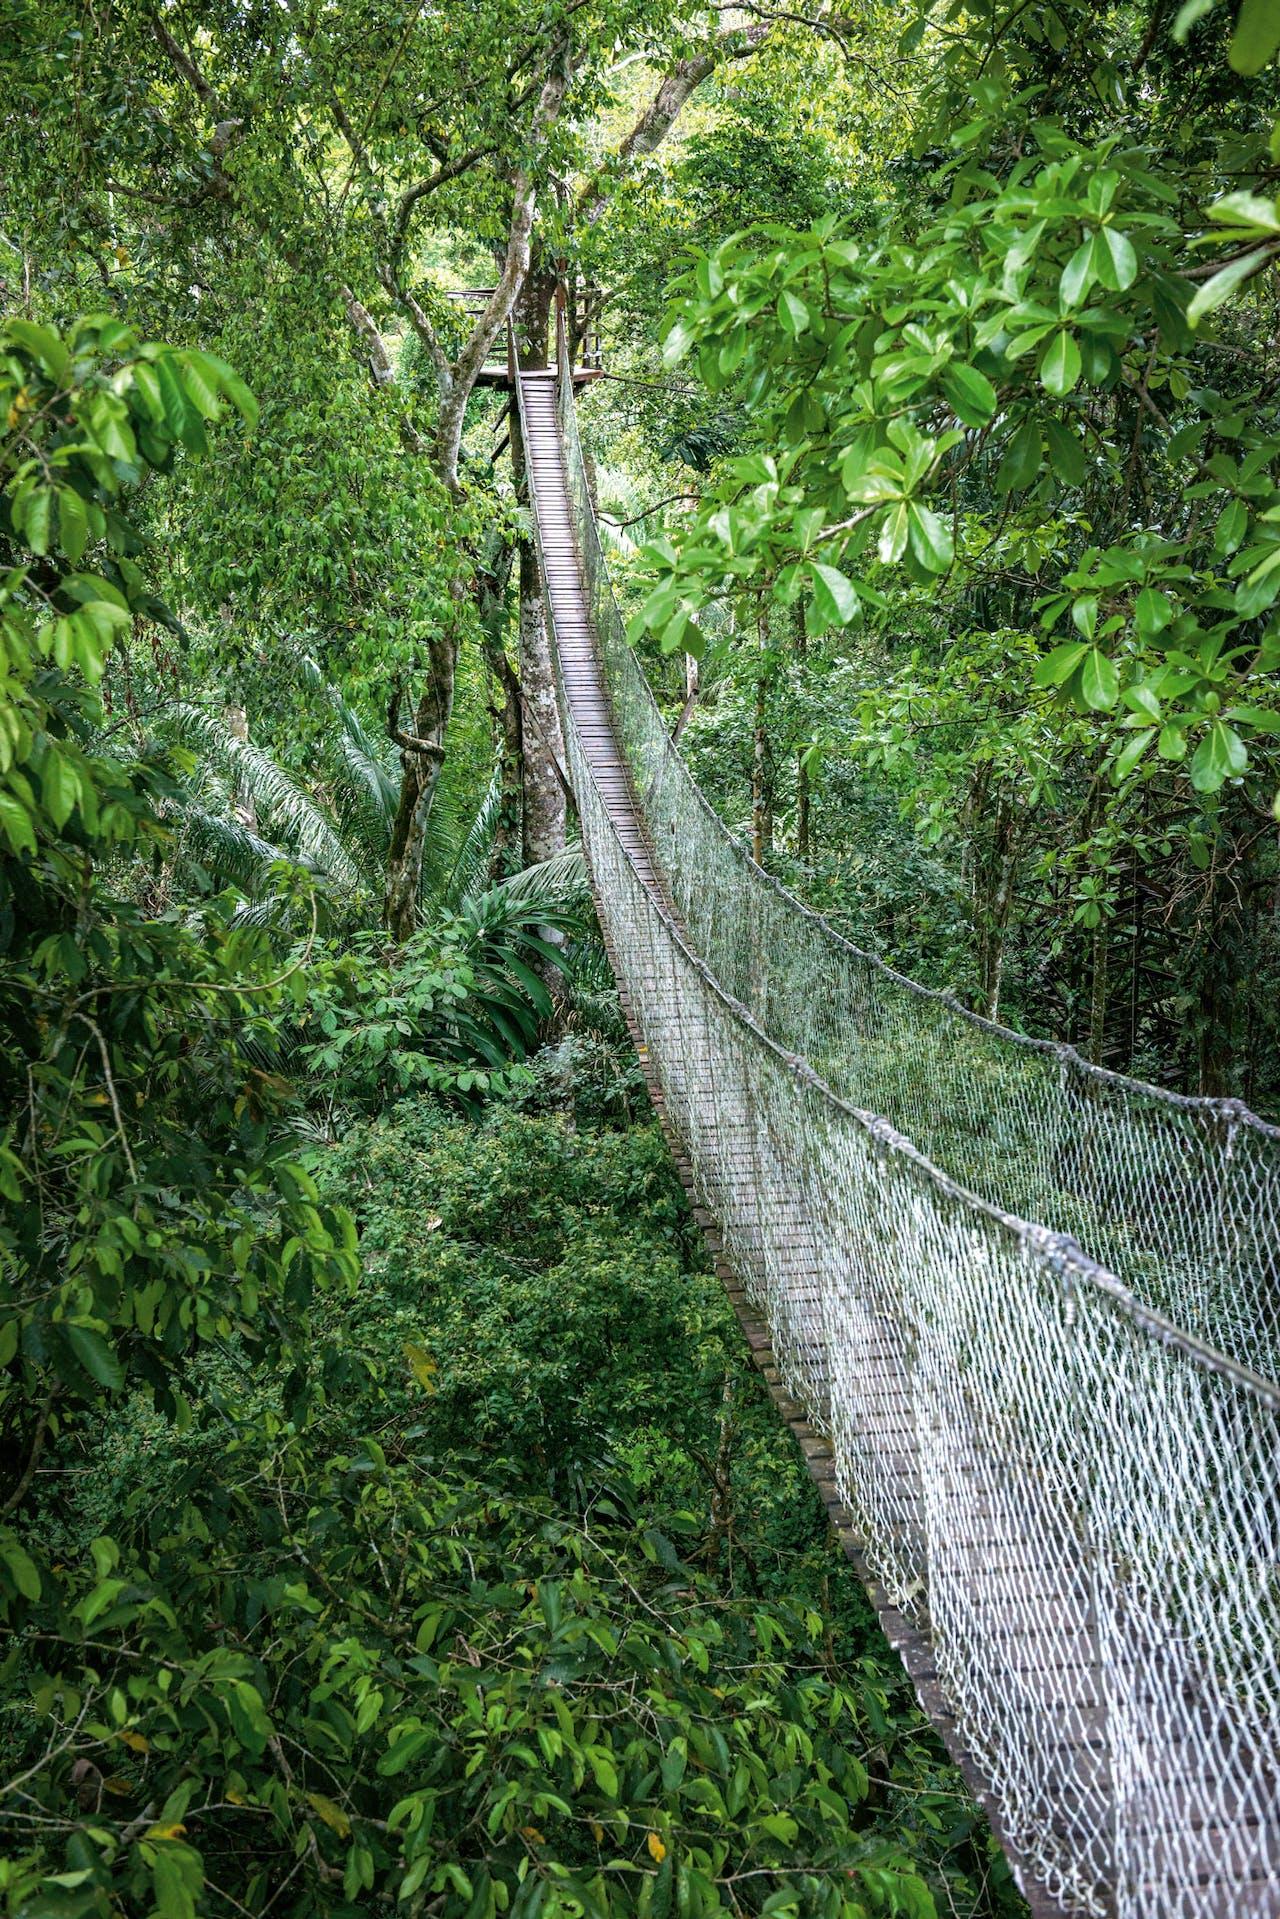 De Canopy-brug hangt maar liefst dertig meter boven de grond.